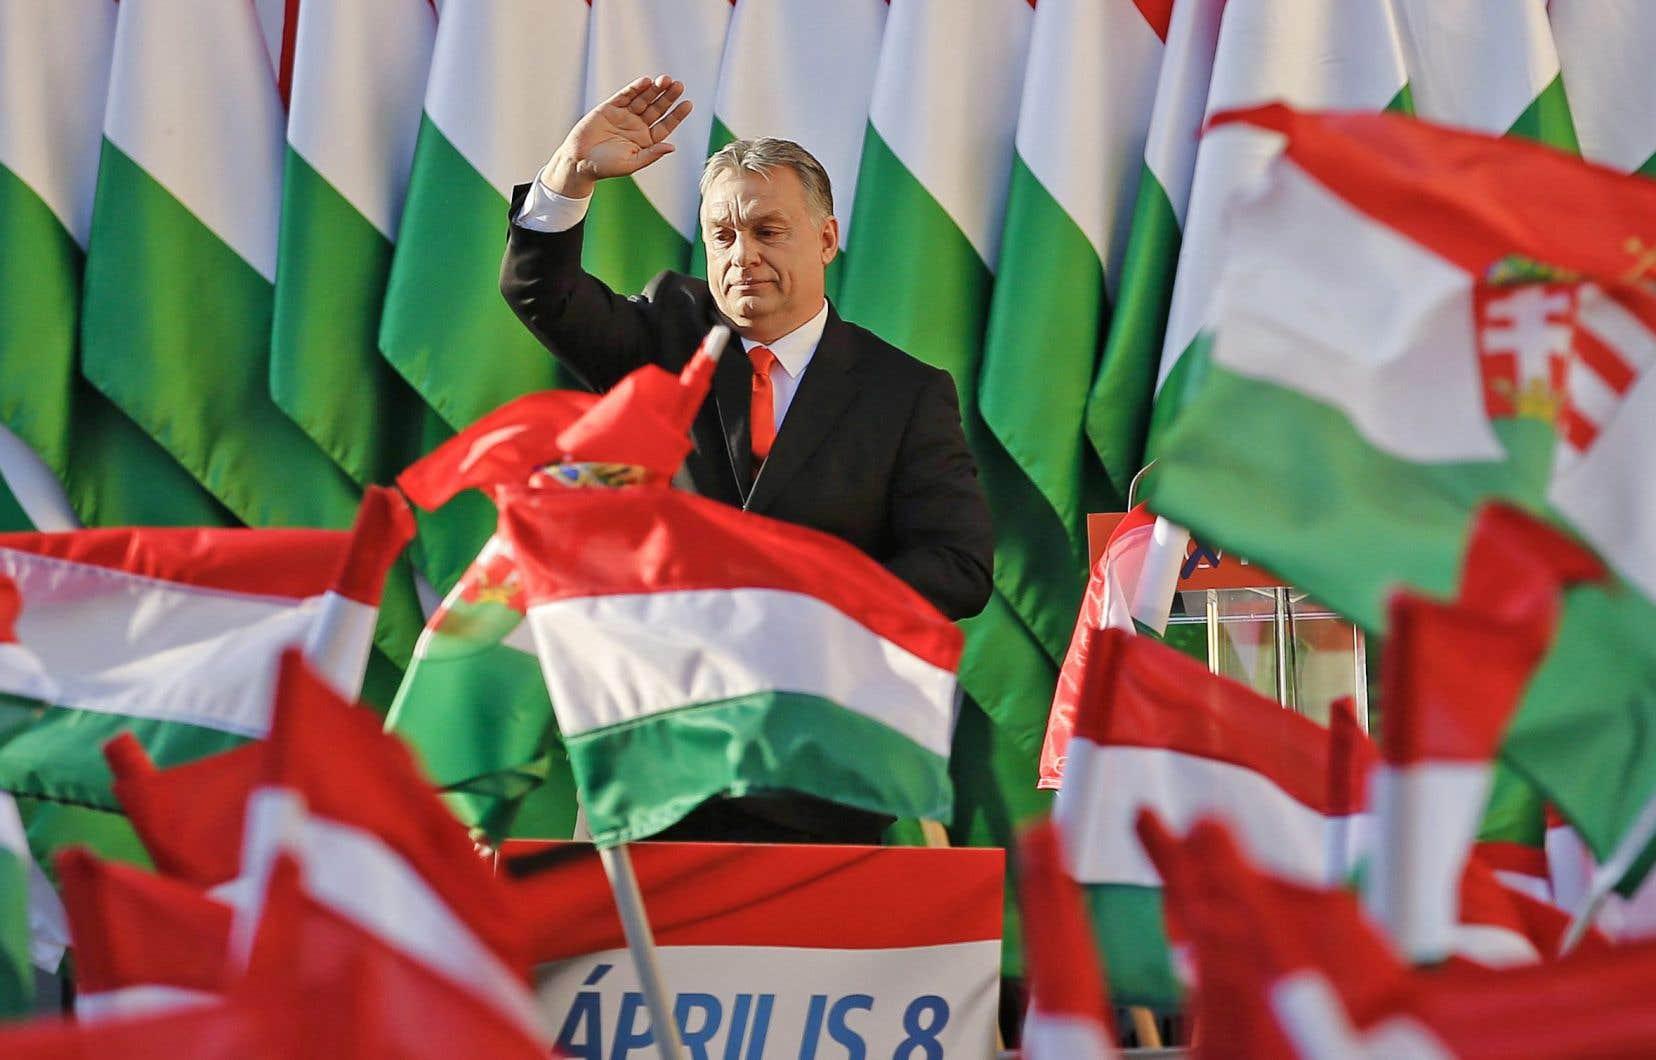 Contrôler le message, voilà la maxime tacite à laquelle s'accroche le premier ministre hongrois, Viktor Orbán, croit l'auteur.